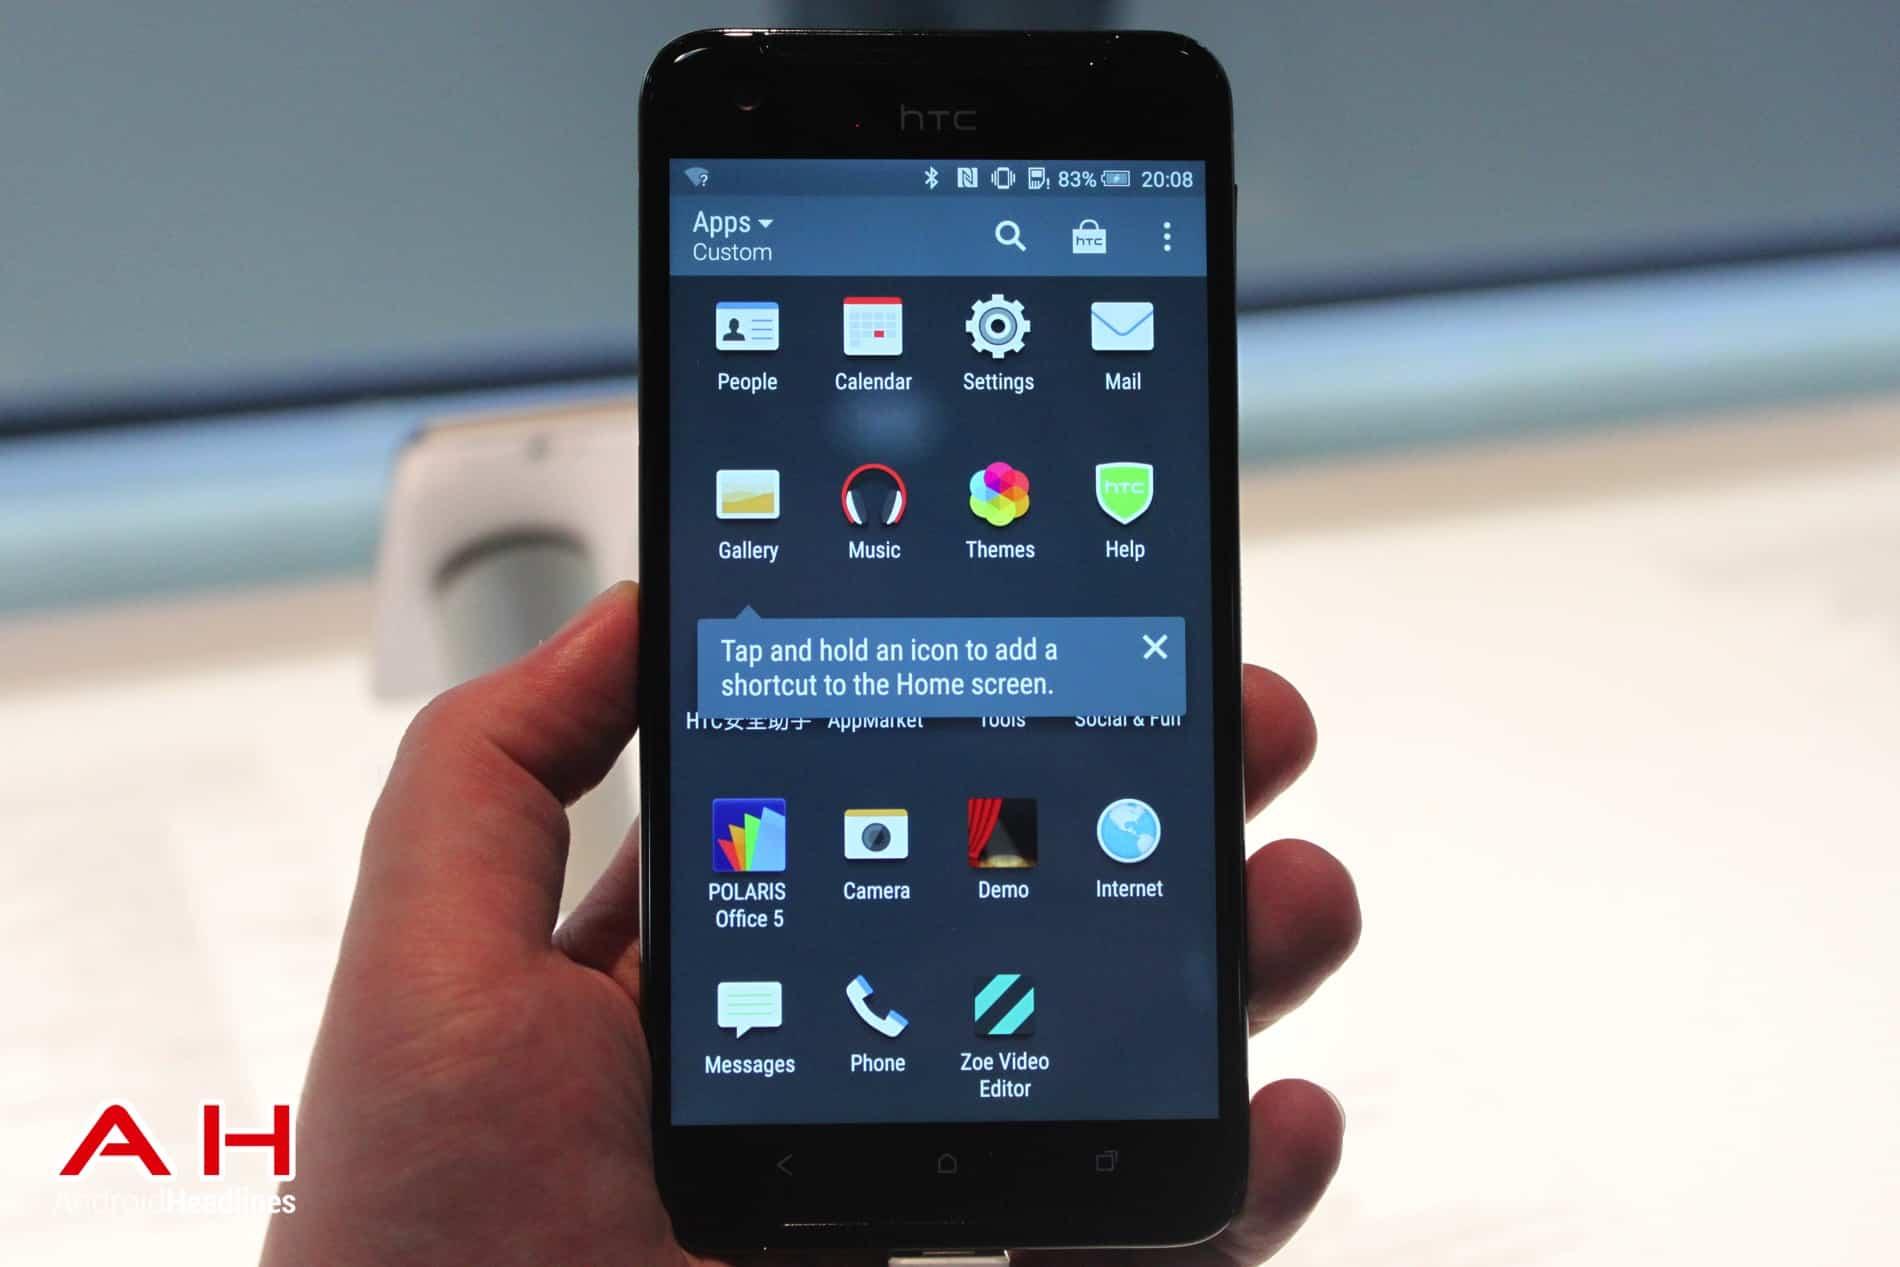 HTC One X9 MWC AH 08